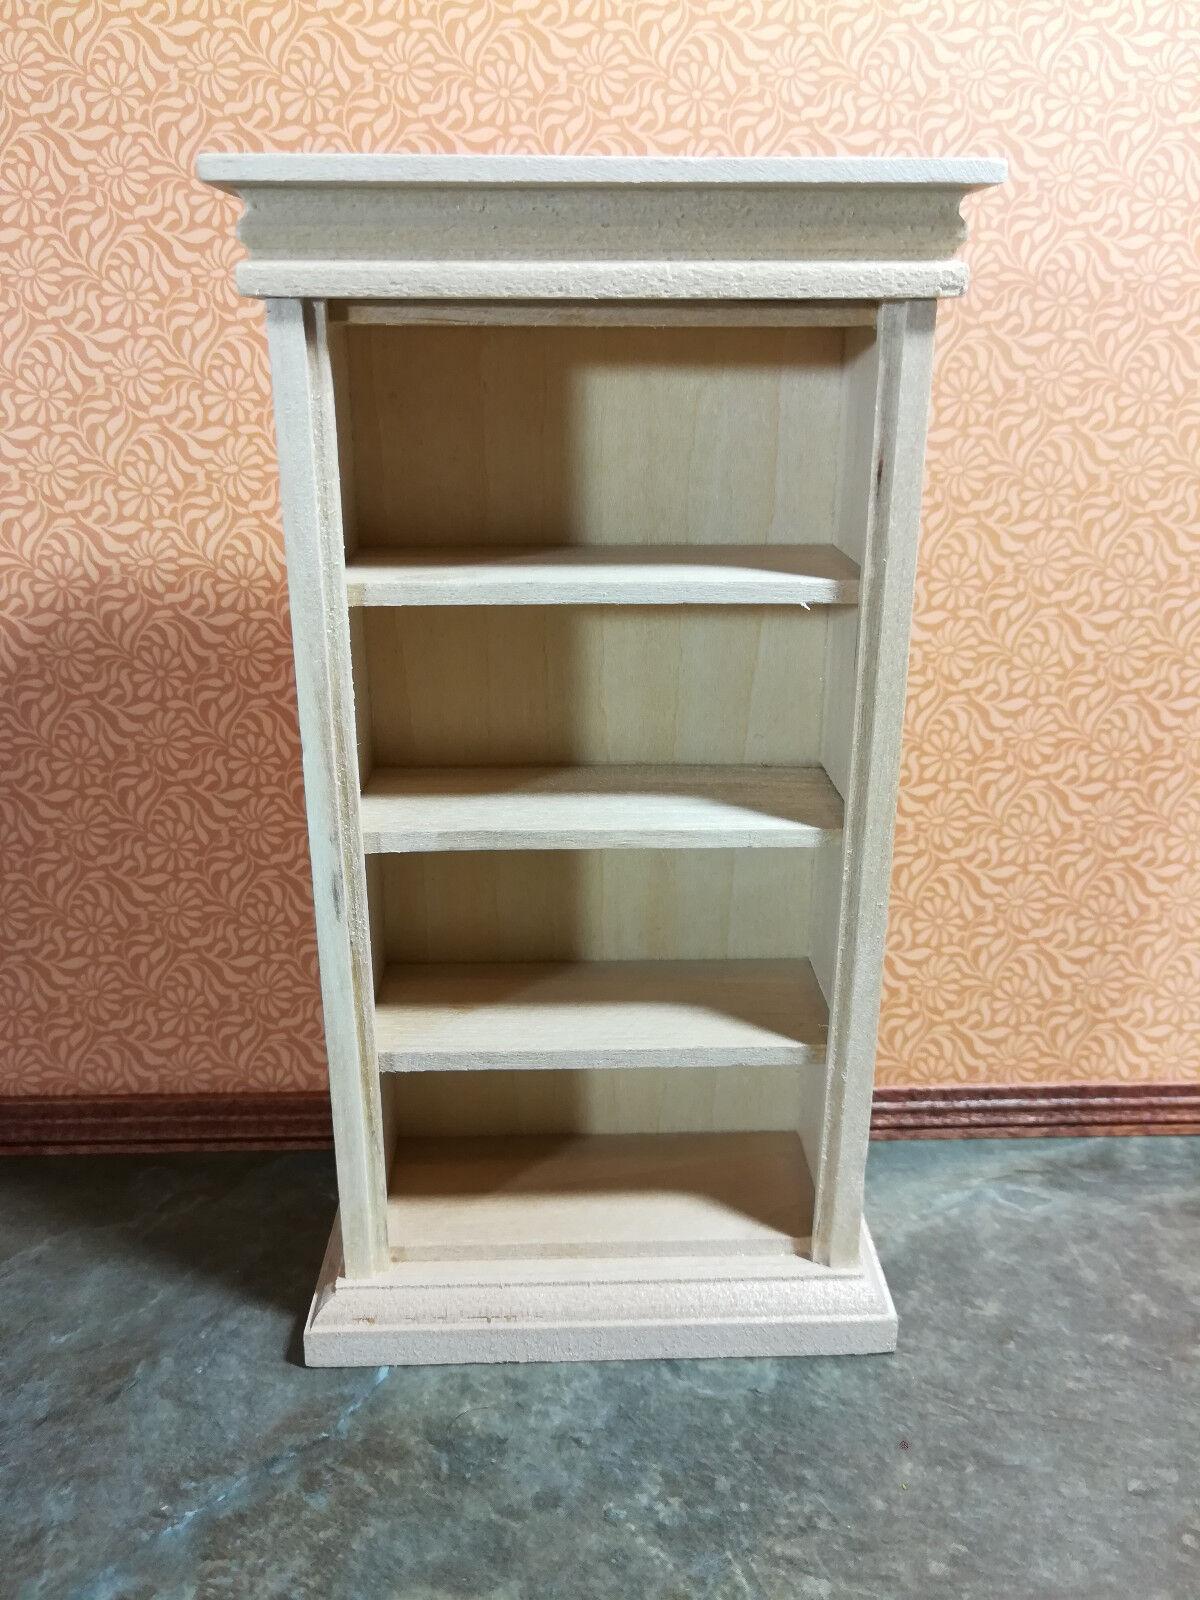 Dollhouse Miniature Bookcase 4 Shelves Unfinished Wood 1 12 Scale Bookshelf